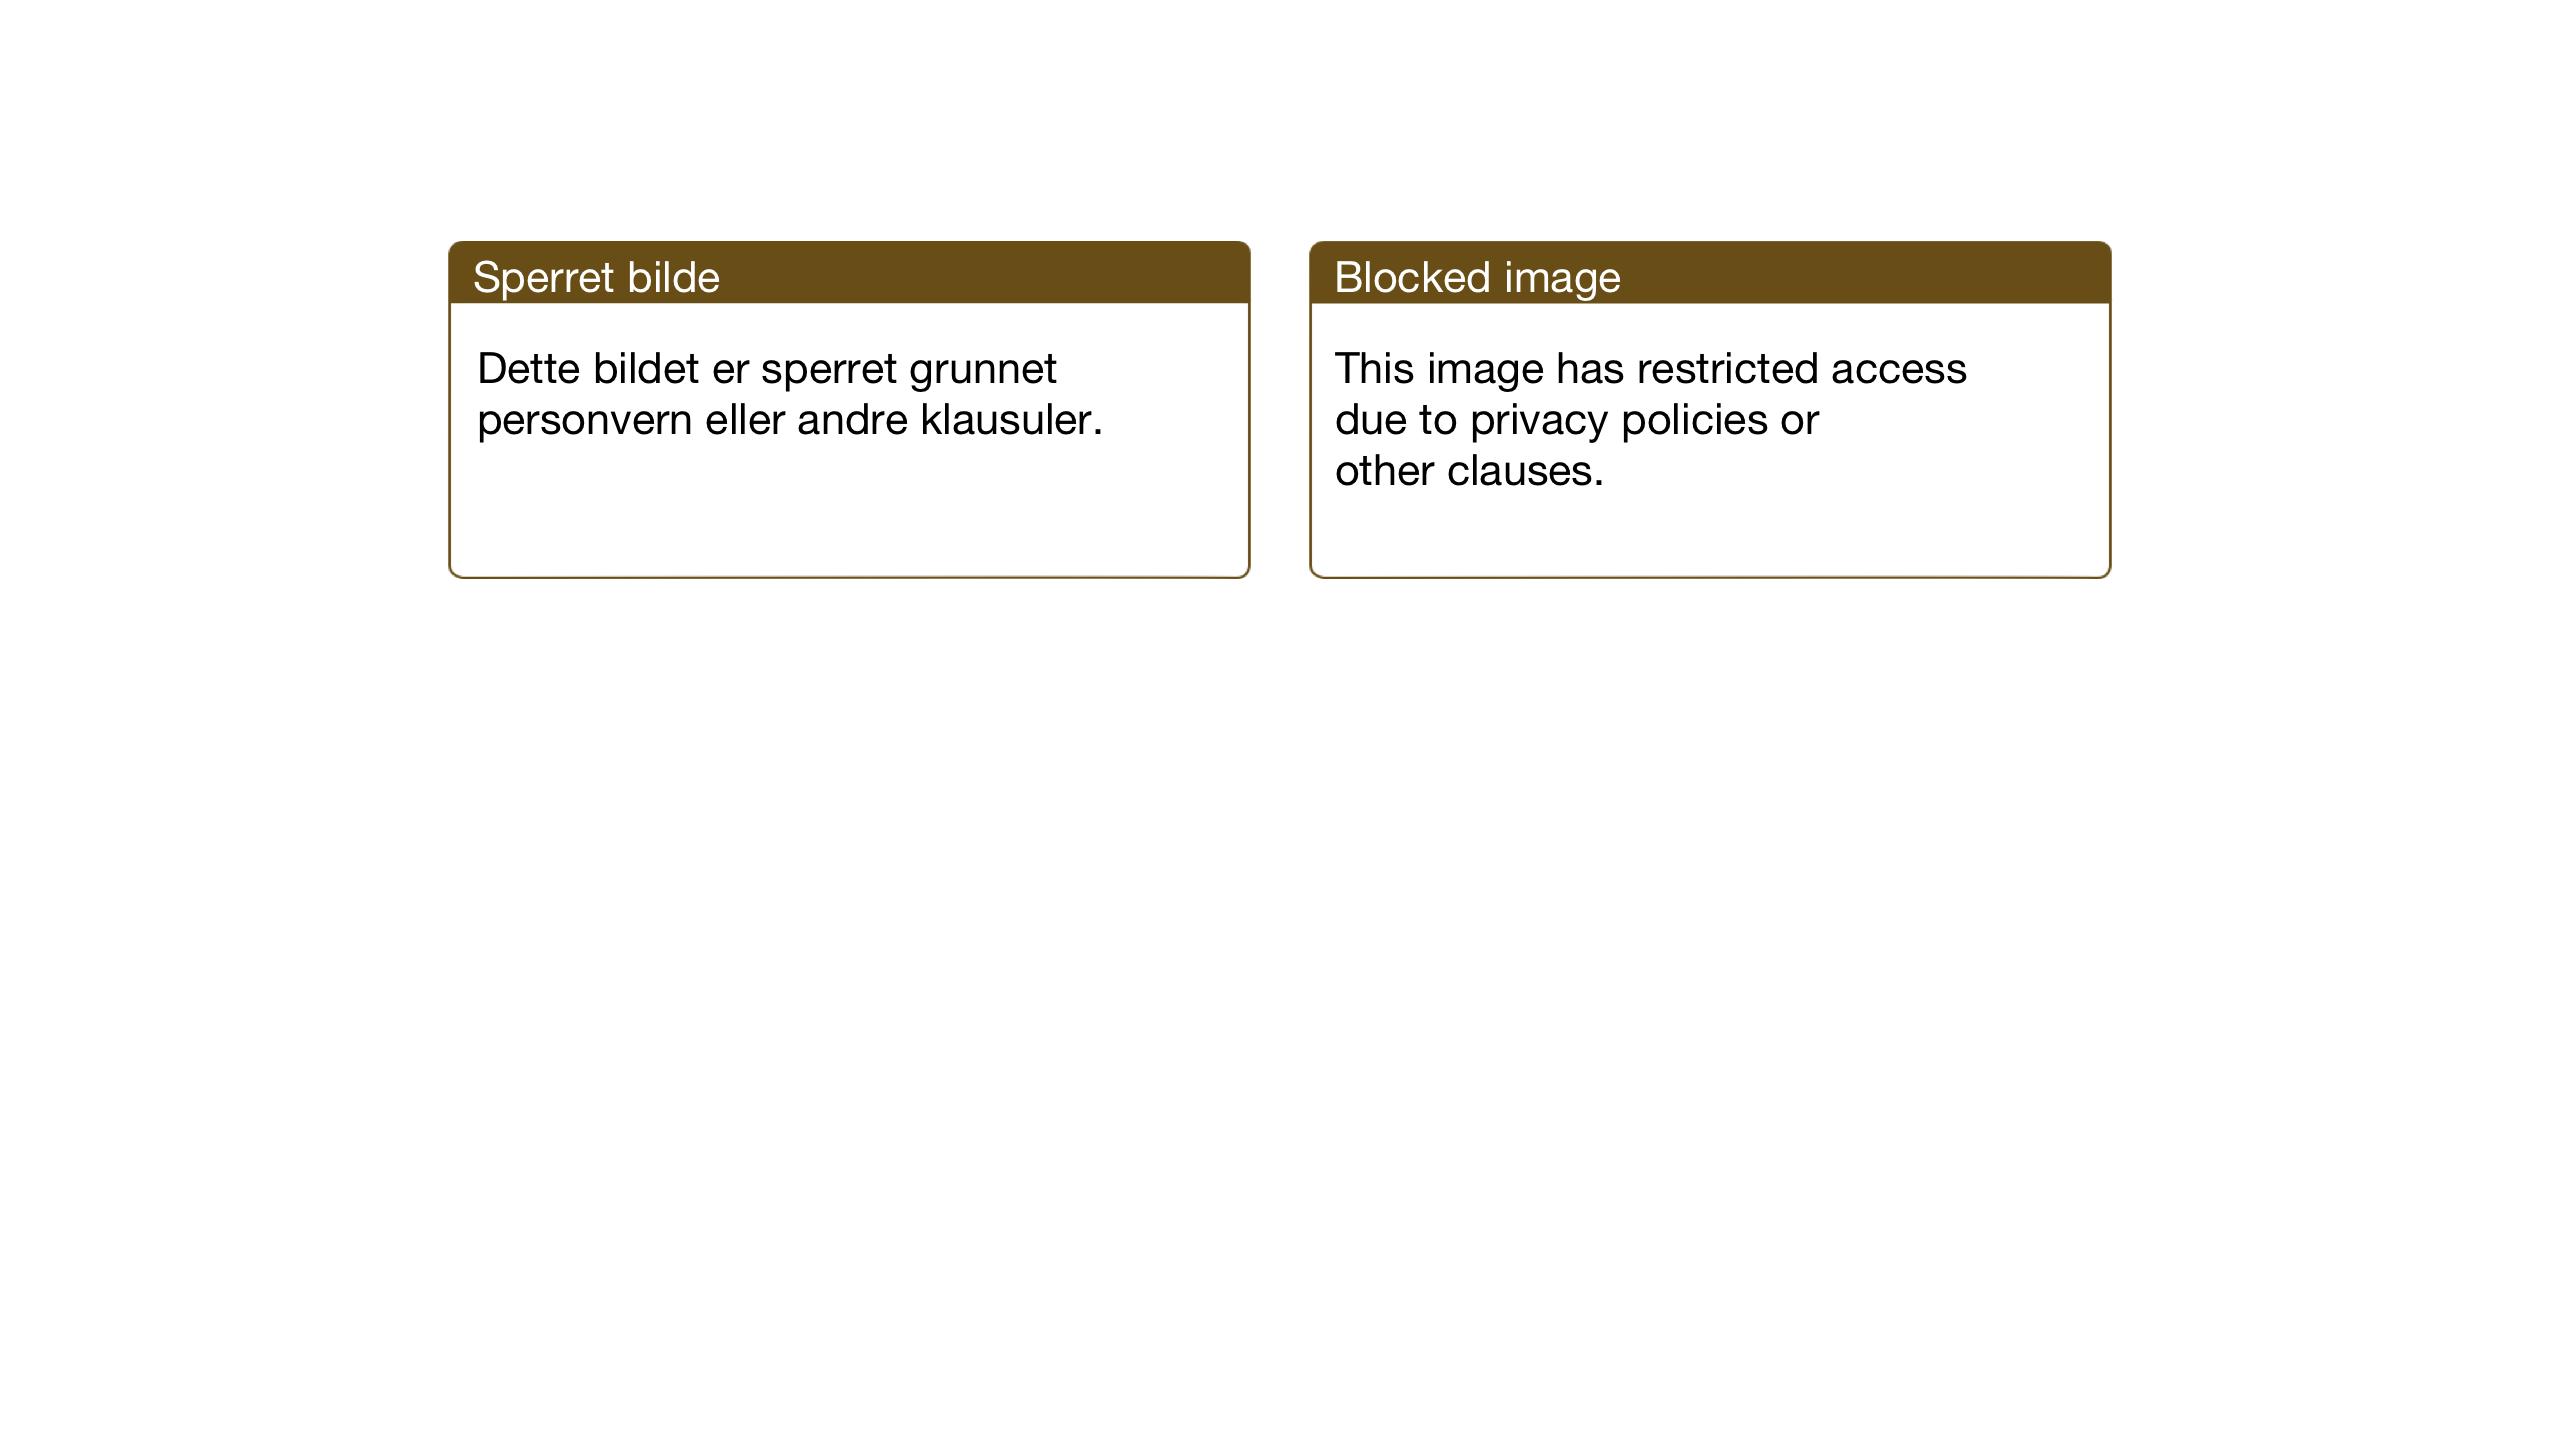 SAT, Ministerialprotokoller, klokkerbøker og fødselsregistre - Sør-Trøndelag, 693/L1124: Klokkerbok nr. 693C05, 1911-1941, s. 52